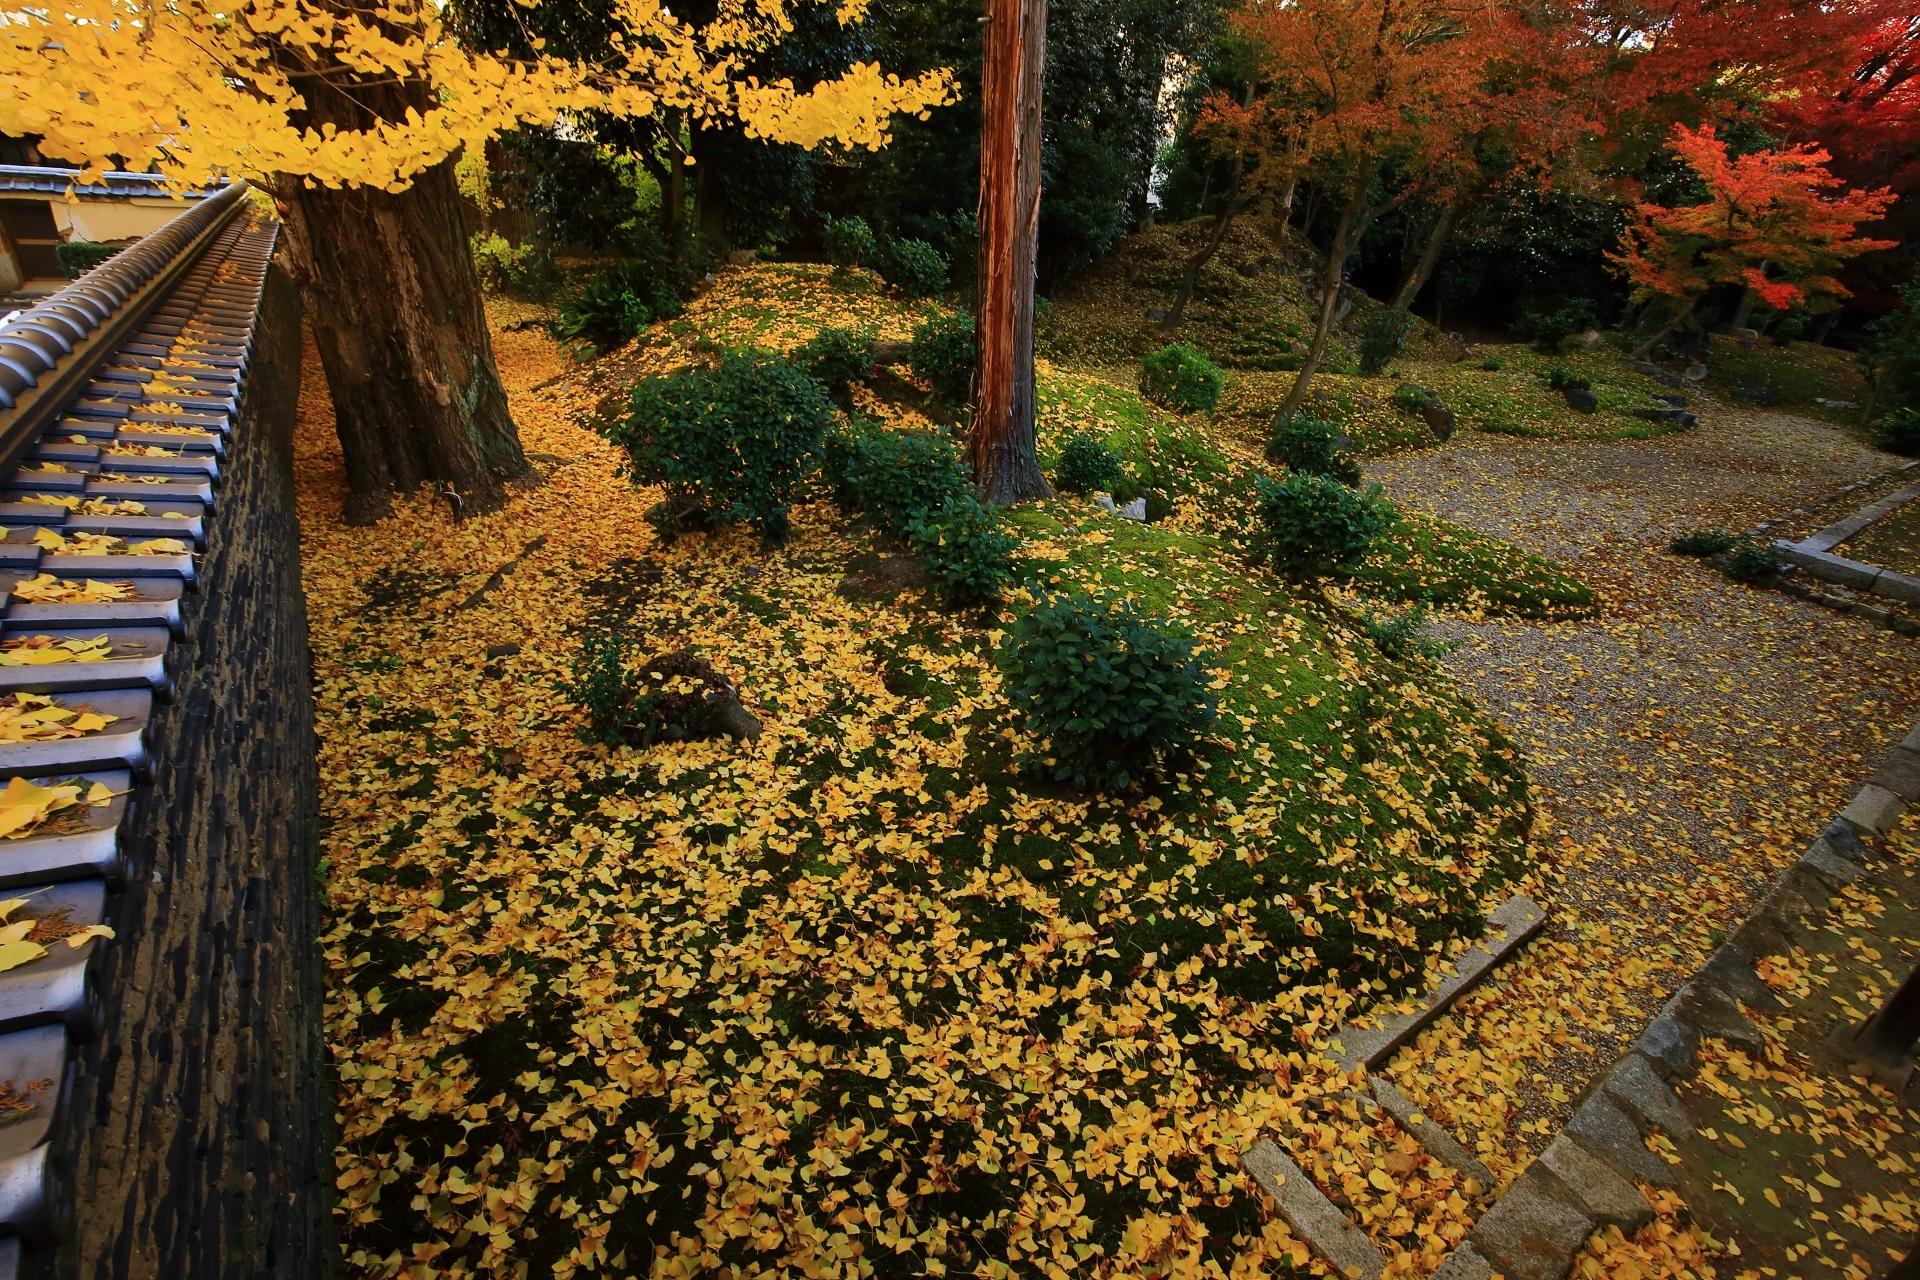 立本寺の土塀と苔を彩る圧巻の散り銀杏